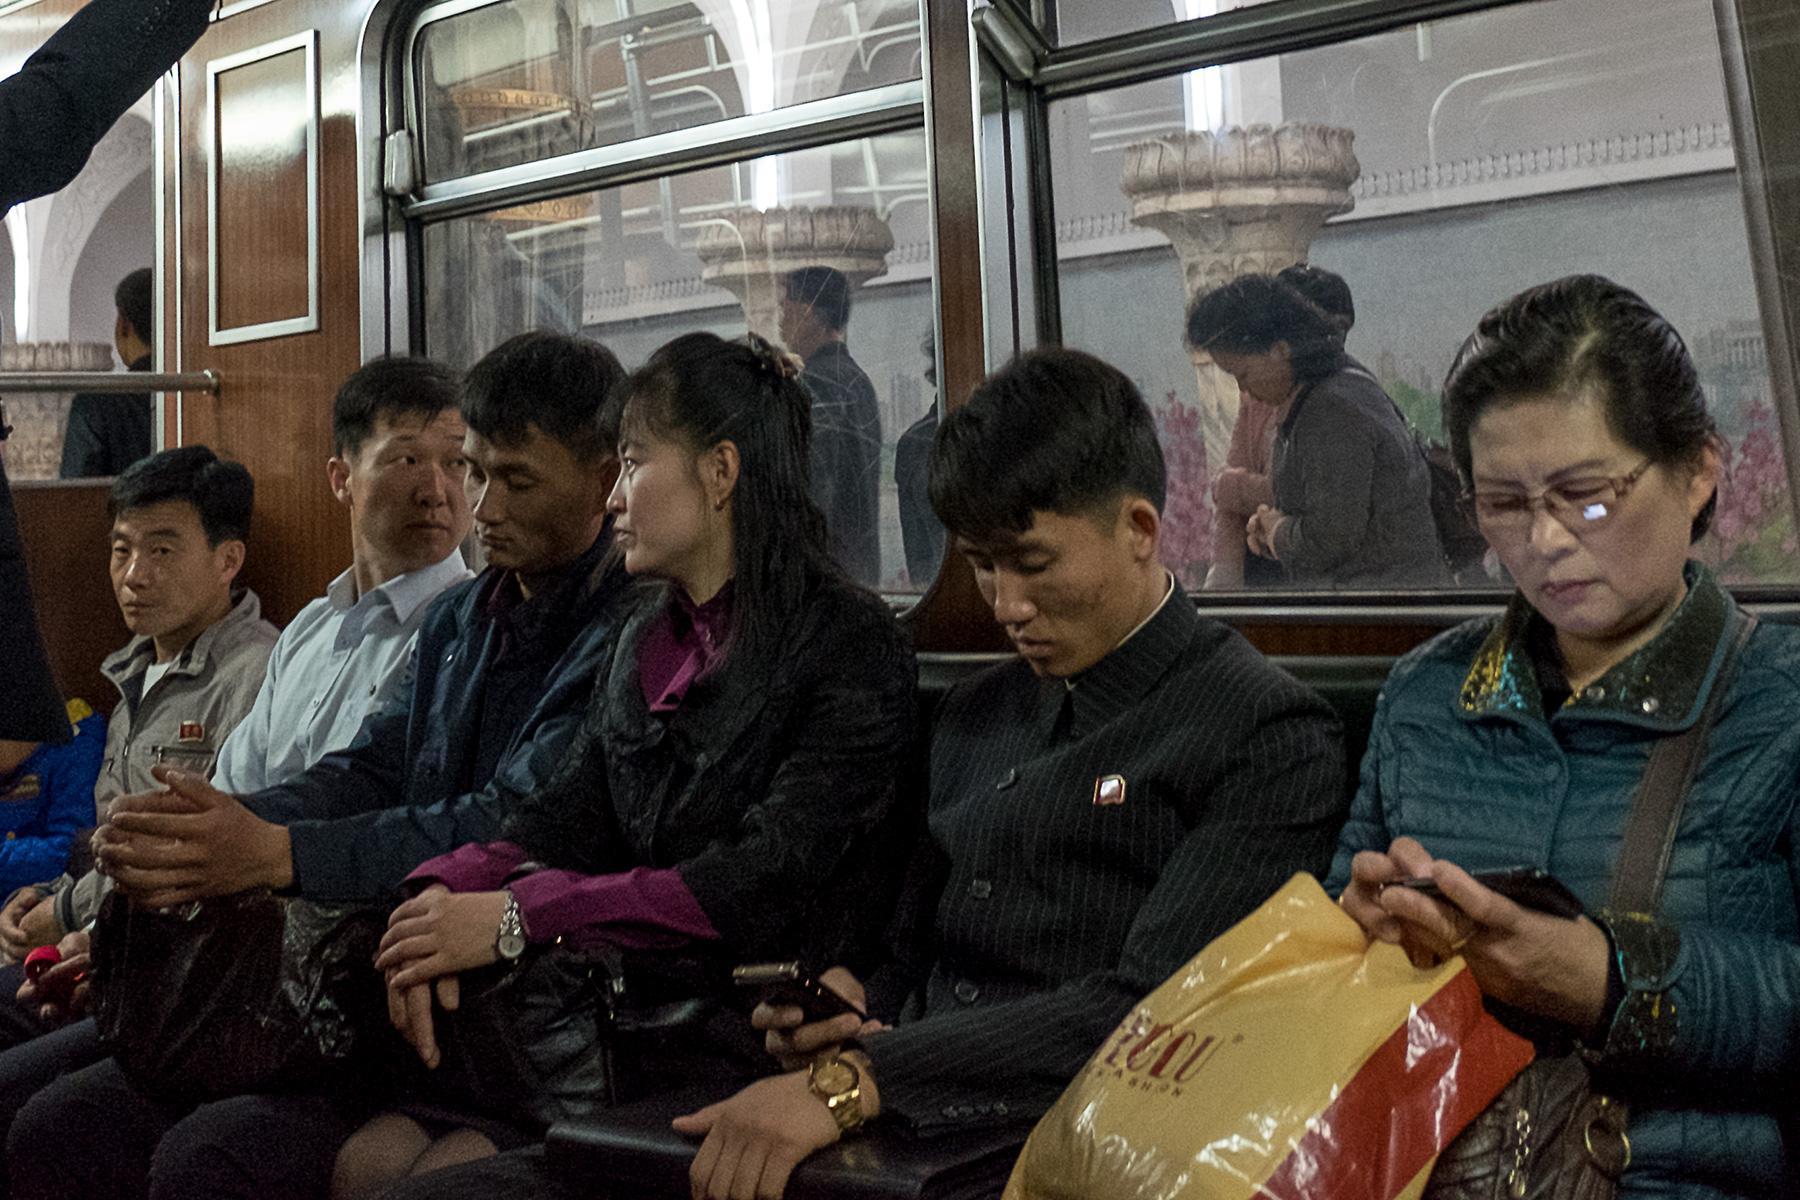 Menschen in der U-Bahn sitzend